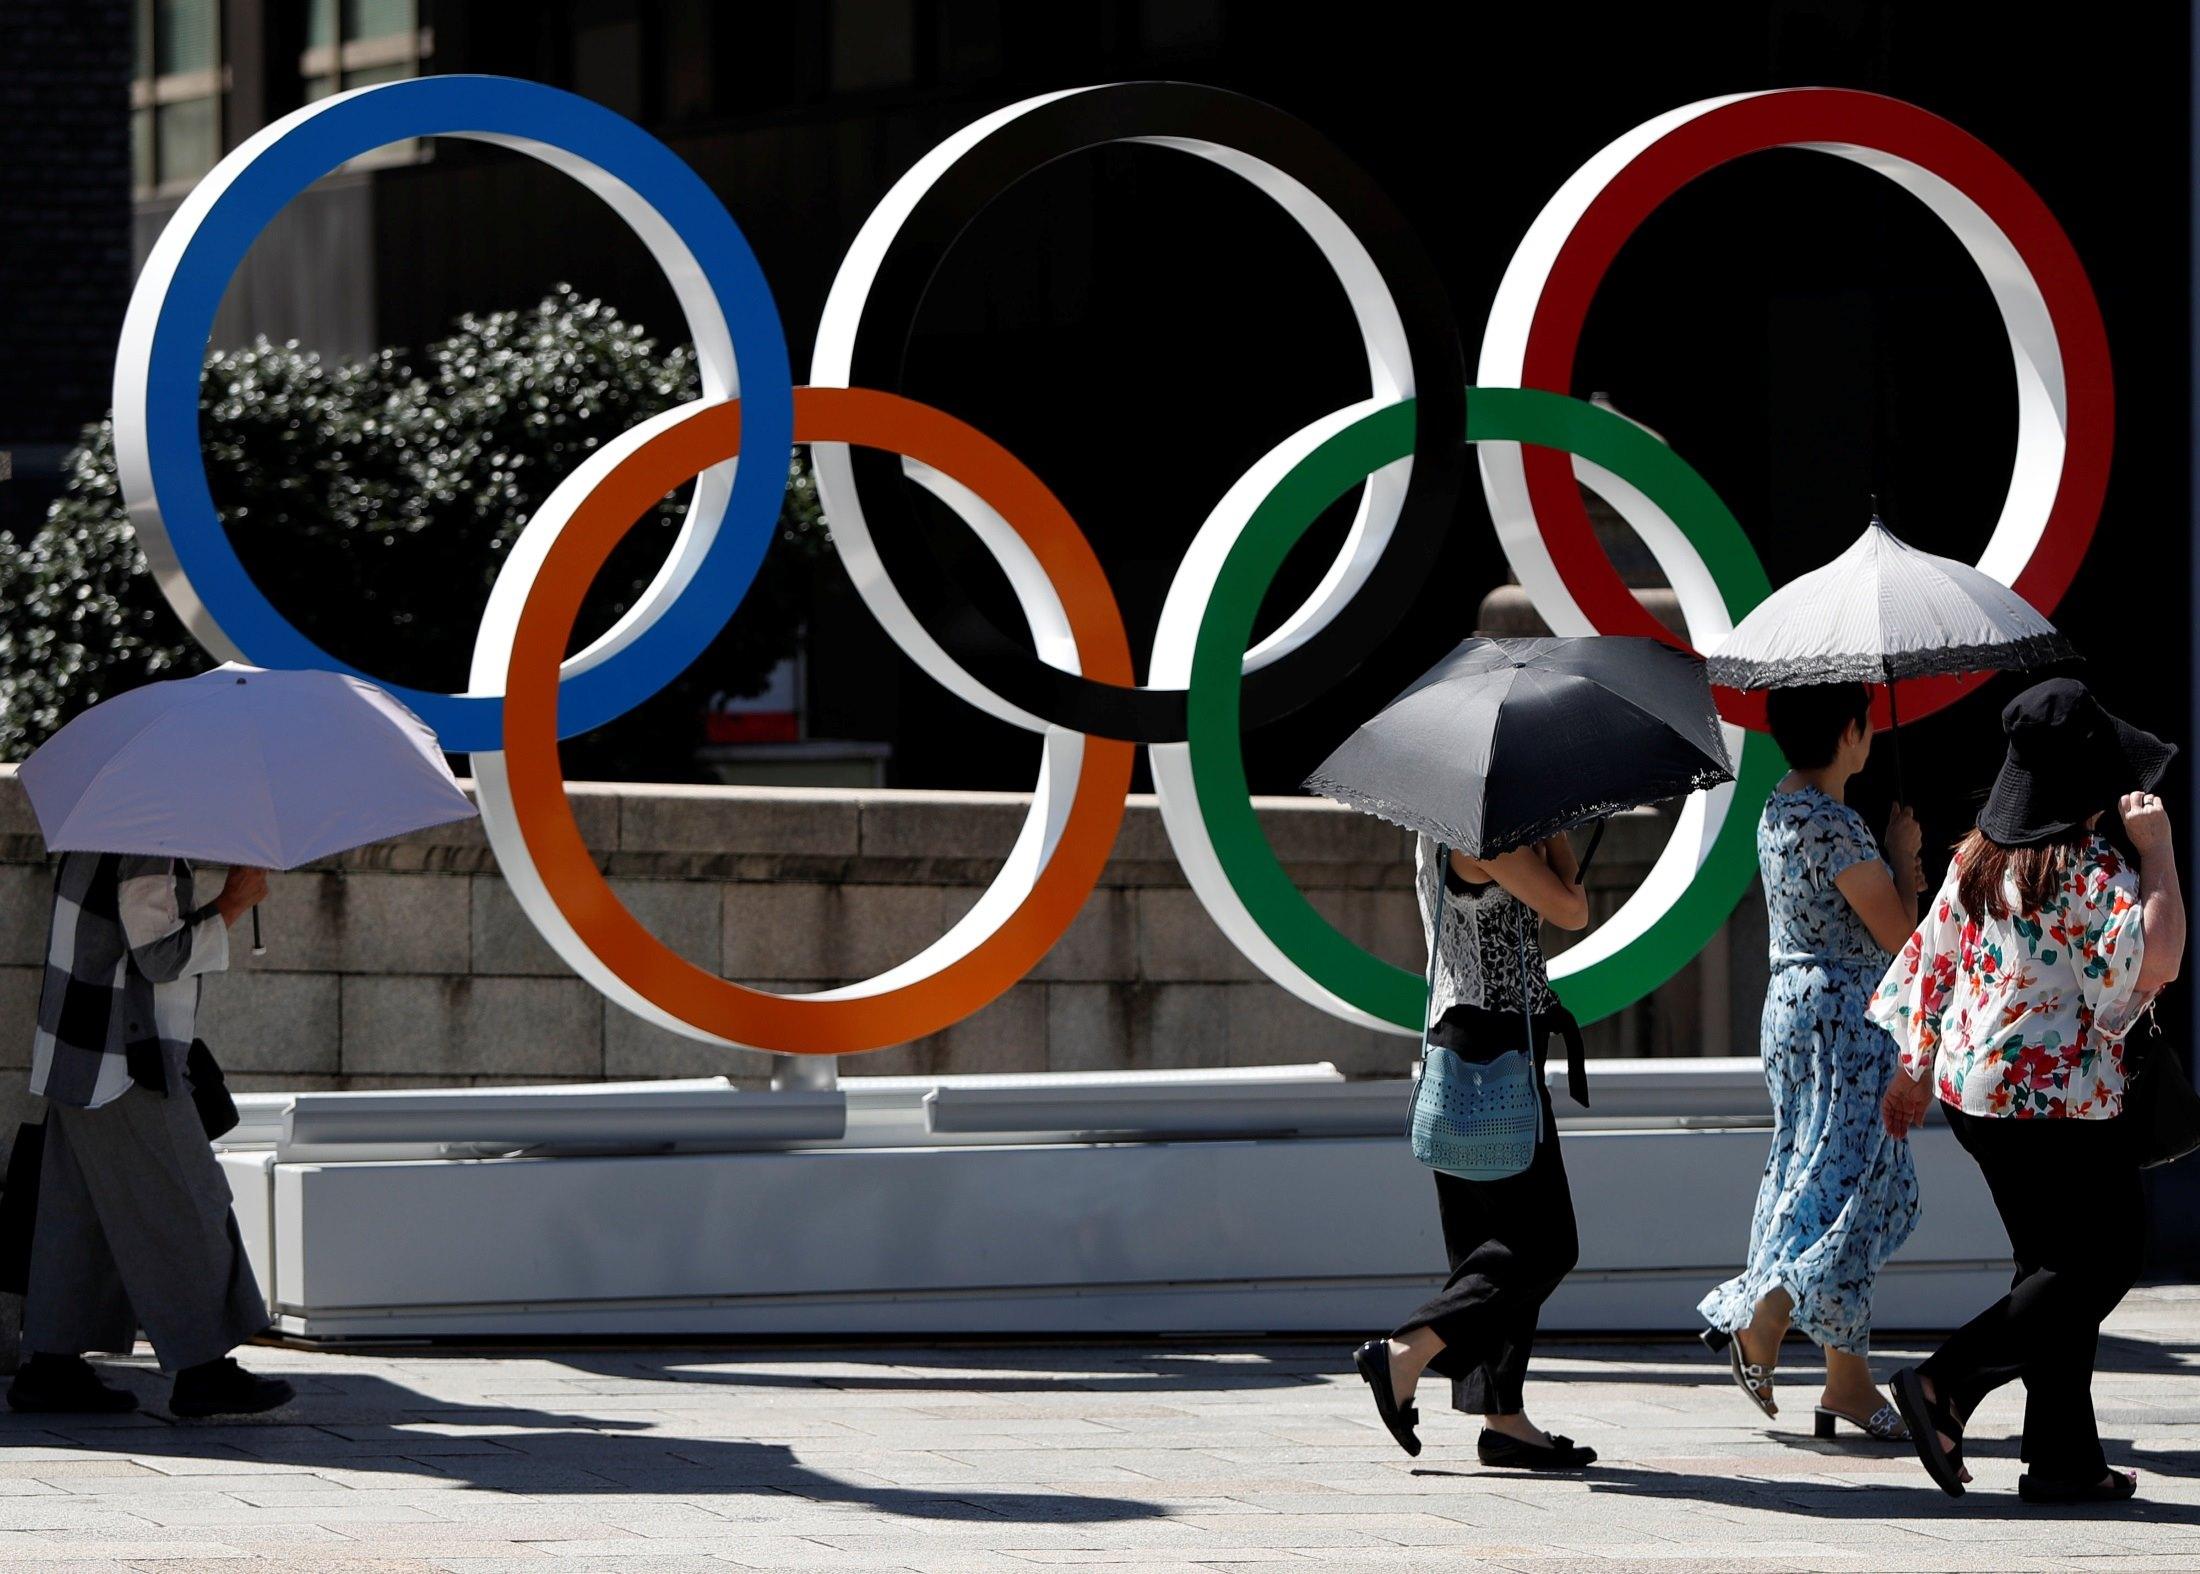 «Οι Ολυμπιακοί Αγώνες θα ακυρωθούν εάν ο κορονοϊός δεν τεθεί υπό έλεγχο»